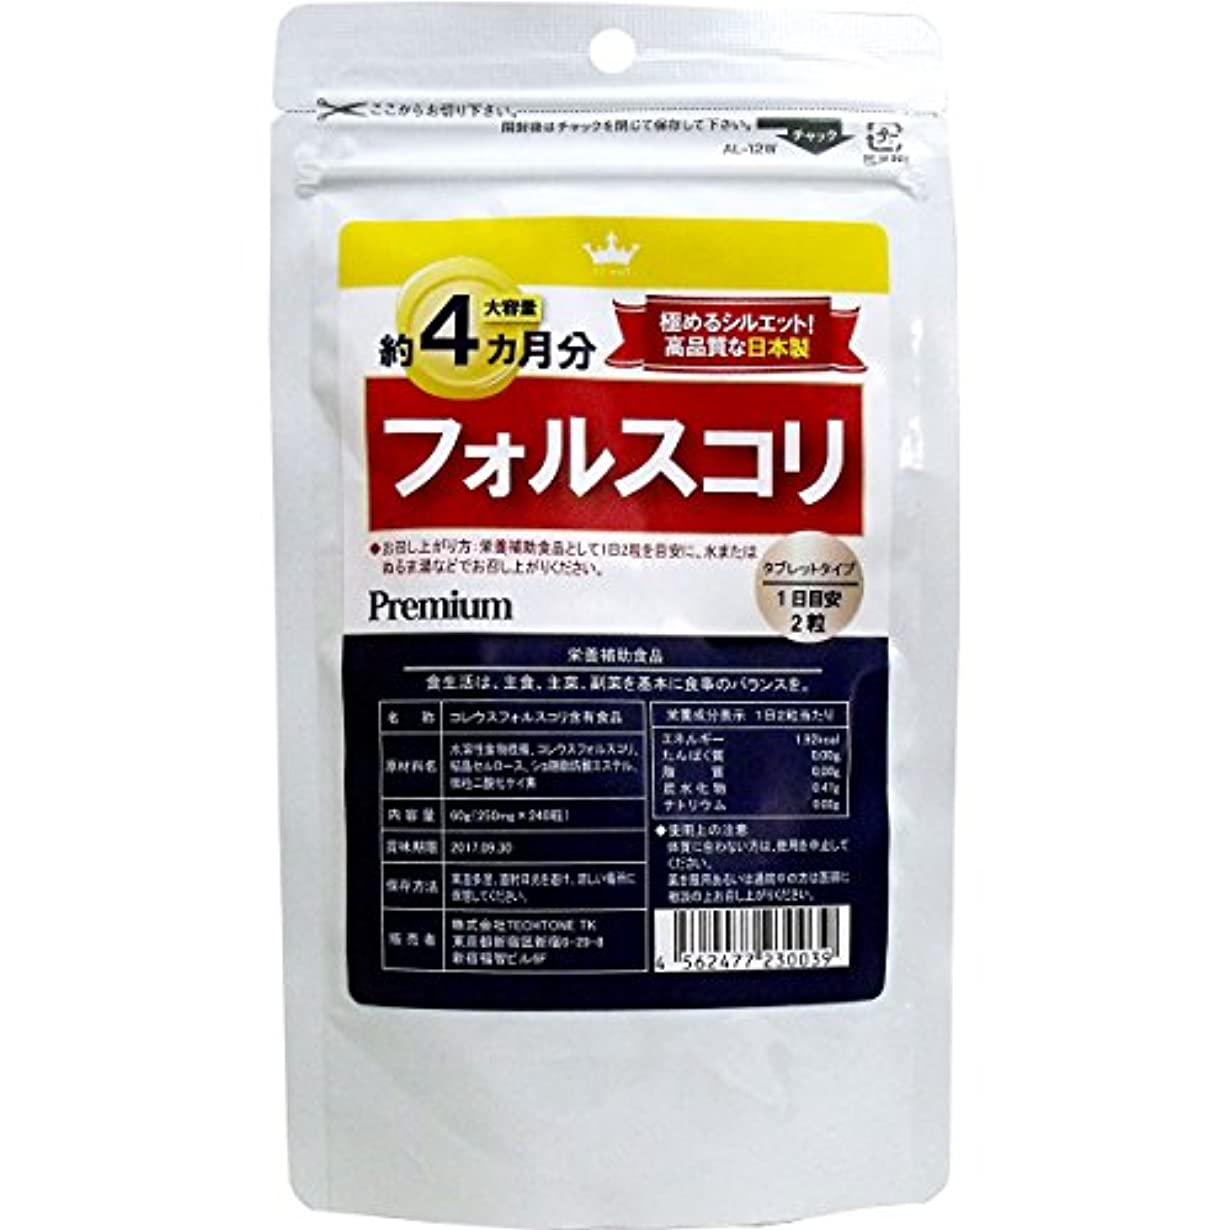 どれシティ美人サプリメント 高品質な日本製 健康食品 フォルスコリ 約4カ月分 240粒入【3個セット】